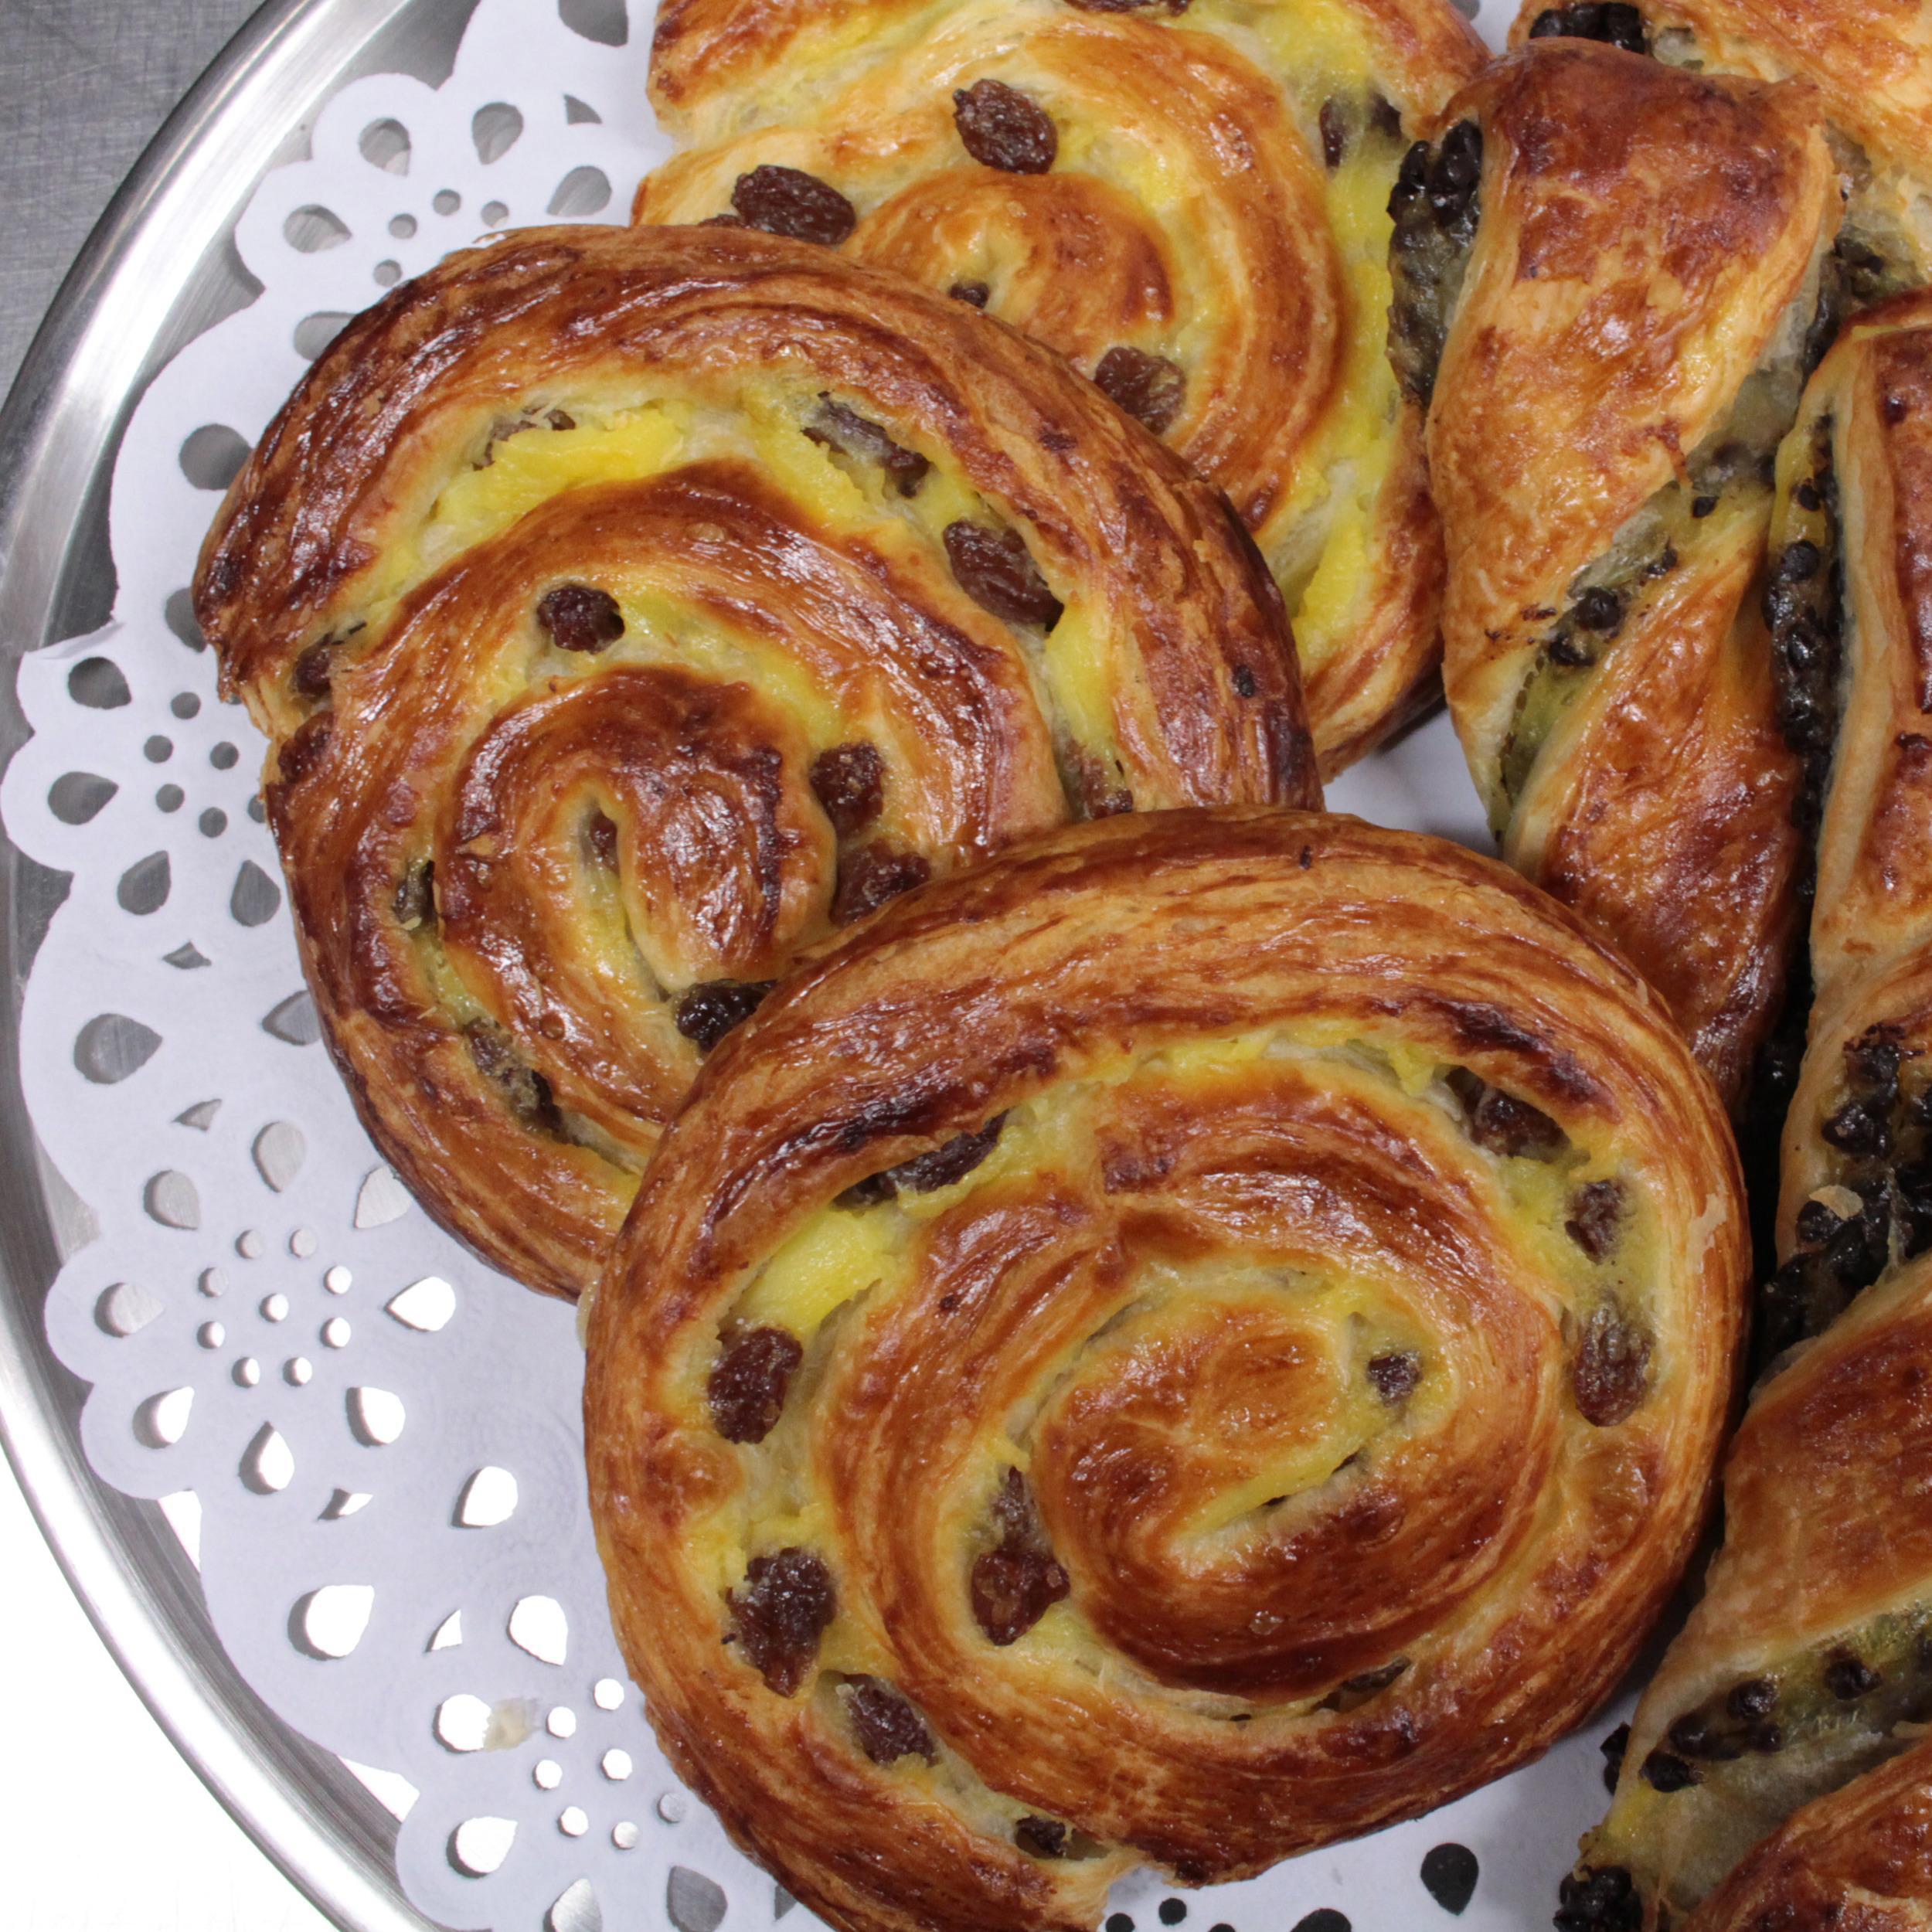 pastries2.jpg